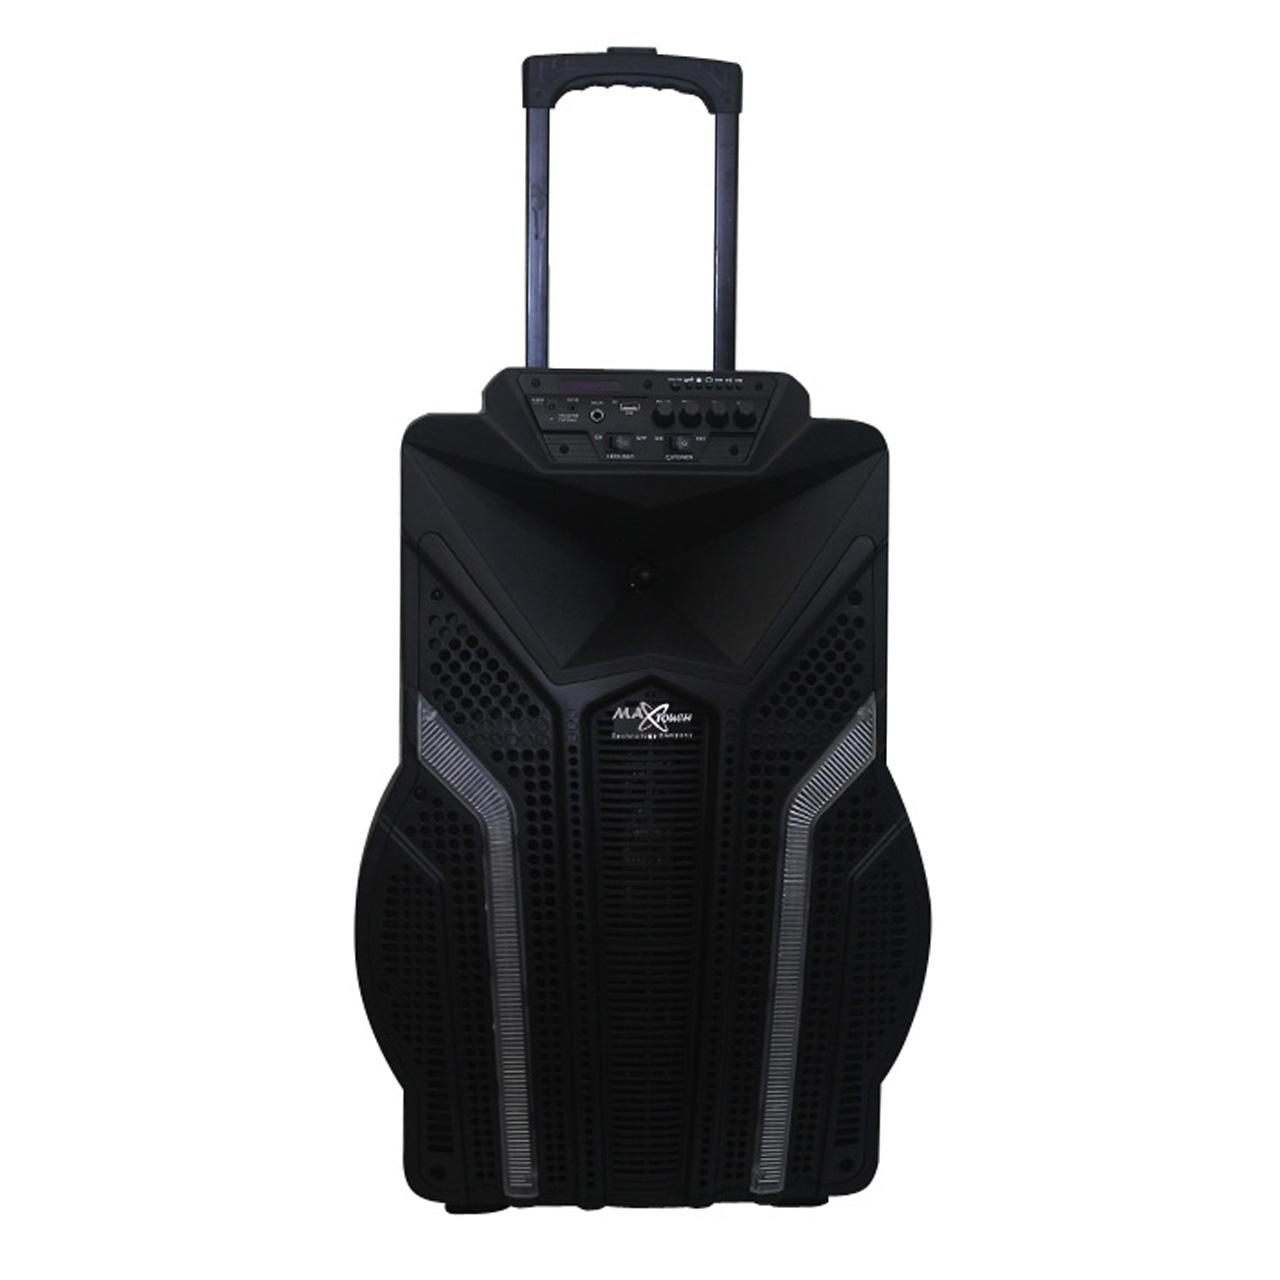 پخش کننده خانگی مکس تاچ مدل MS-Portable 5000